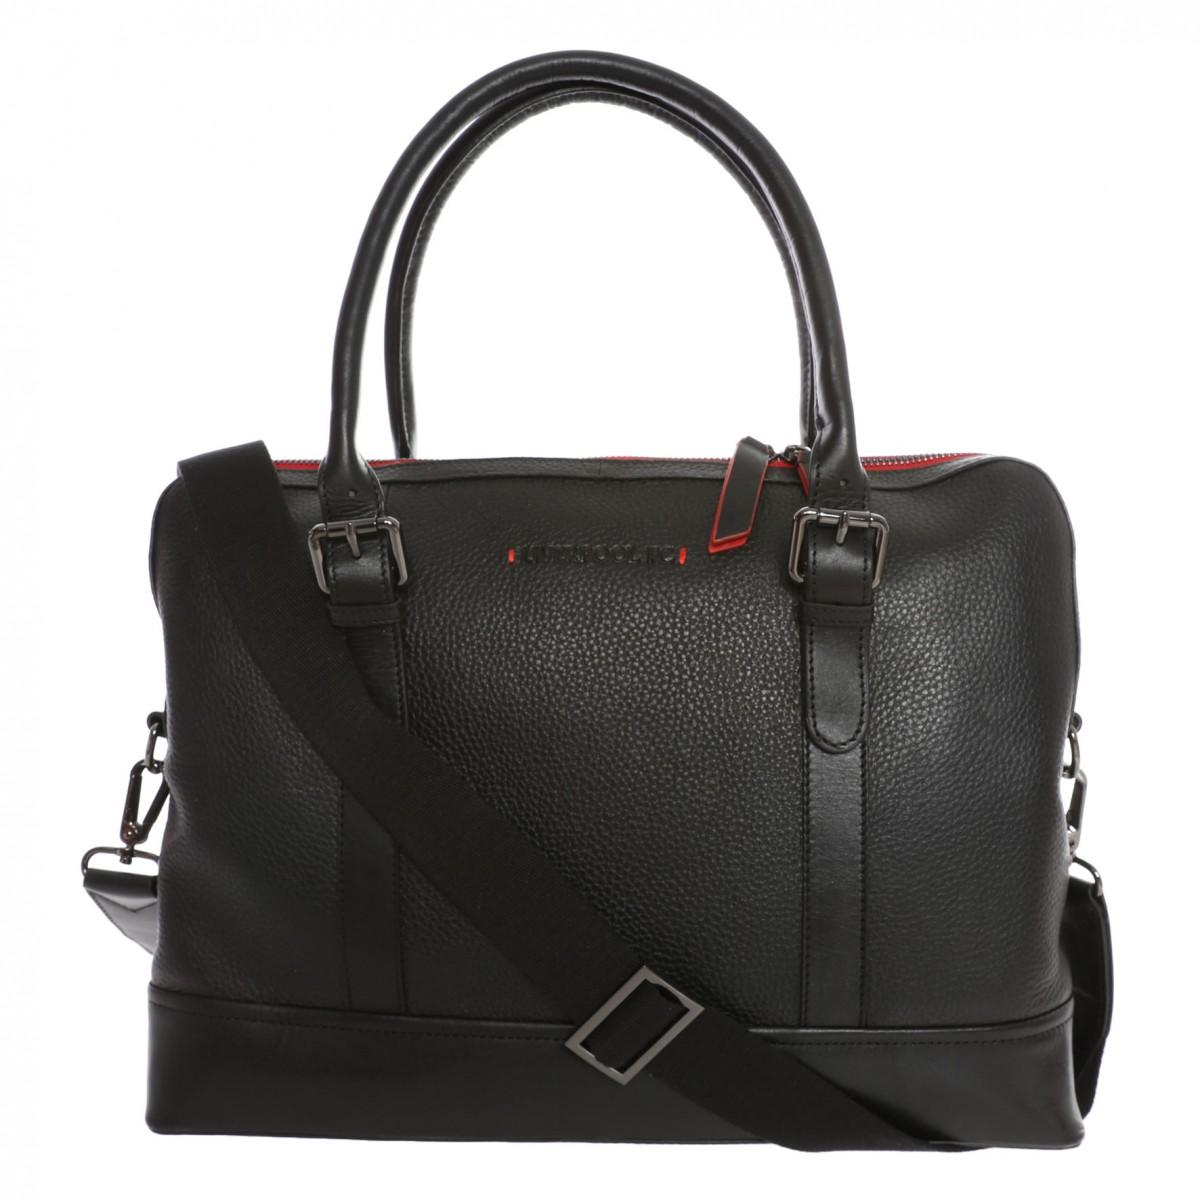 กระเป๋าทำงานลิเวอร์พูล LFC Black Signature Work Bag ของแท้